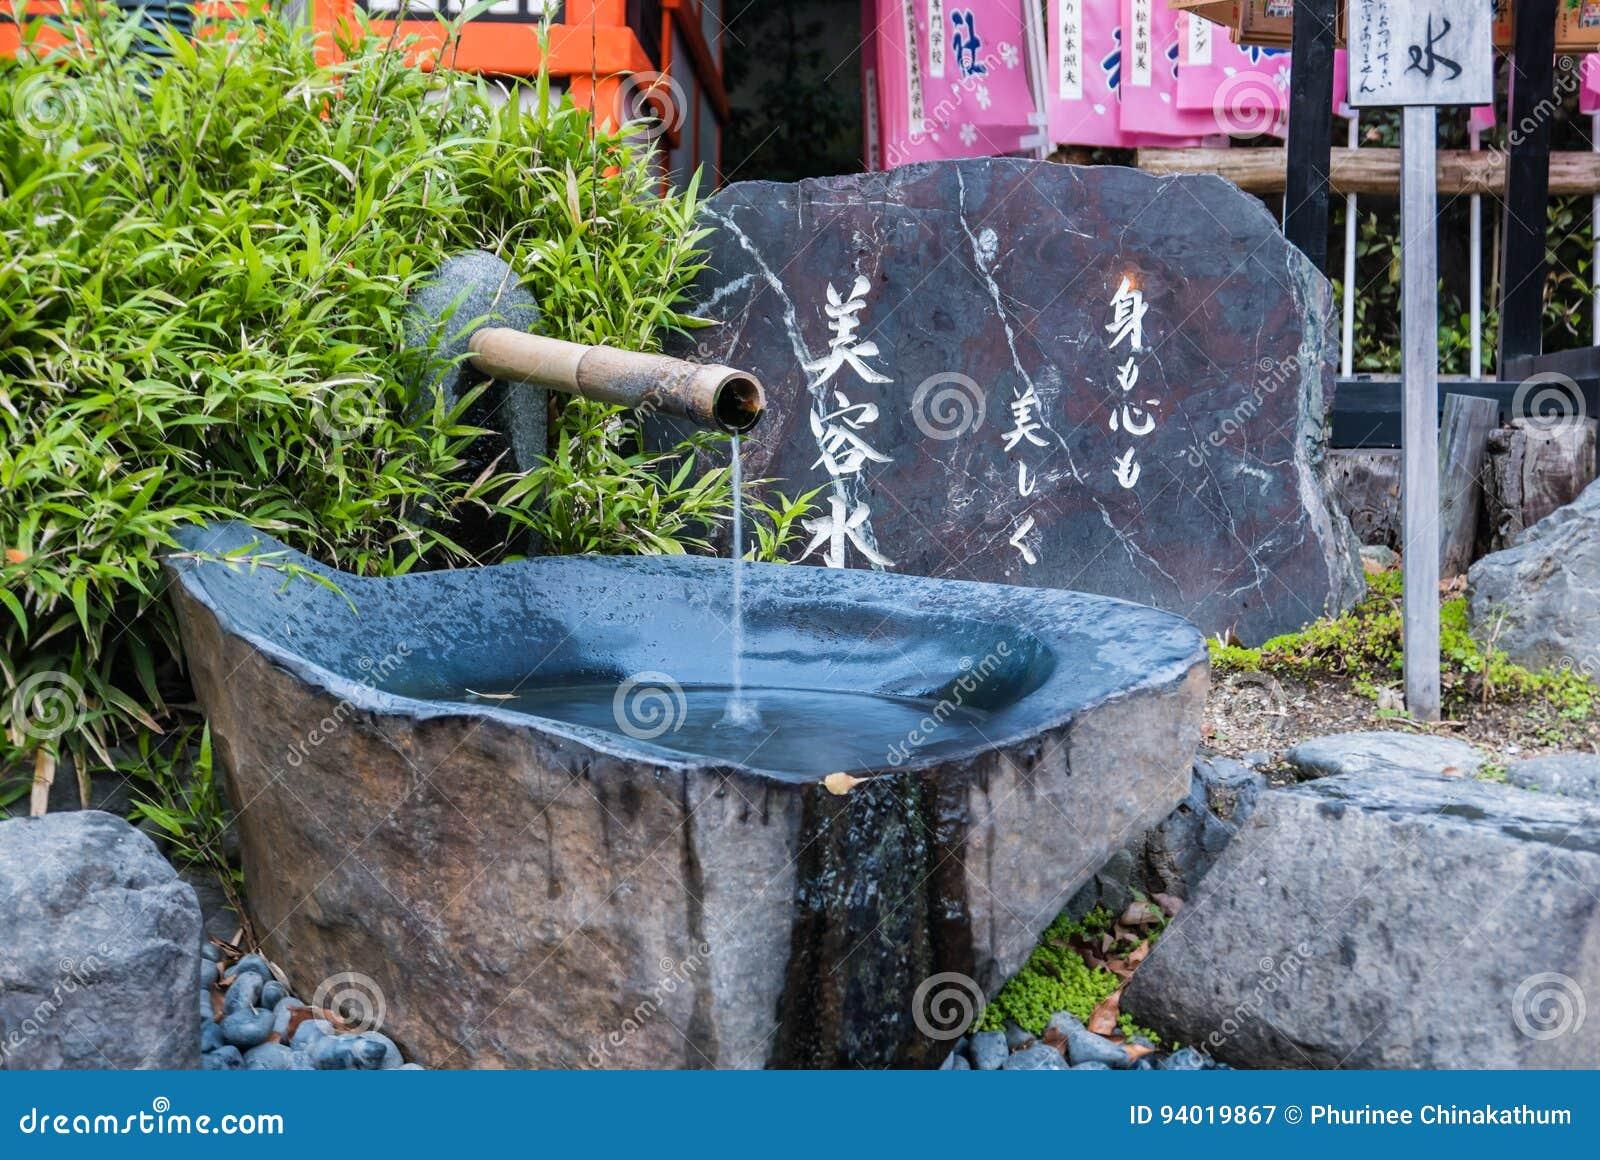 Fonte da purificação na entrada do santuário de Yasaka-jinja